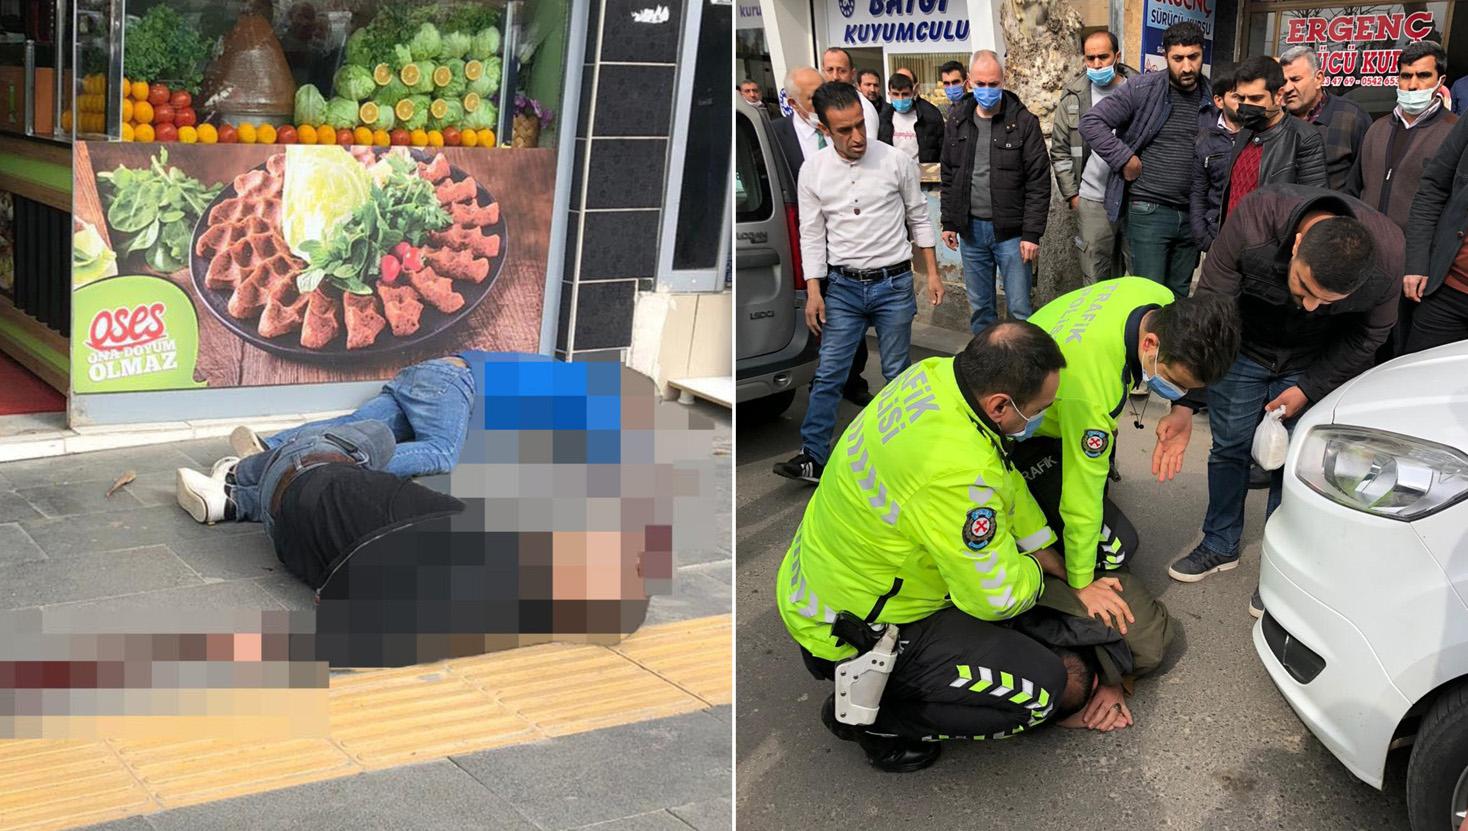 Sokak Ortasında Kurşun Yağdırdı, 3 Kişi Hayatını Kaybetti!